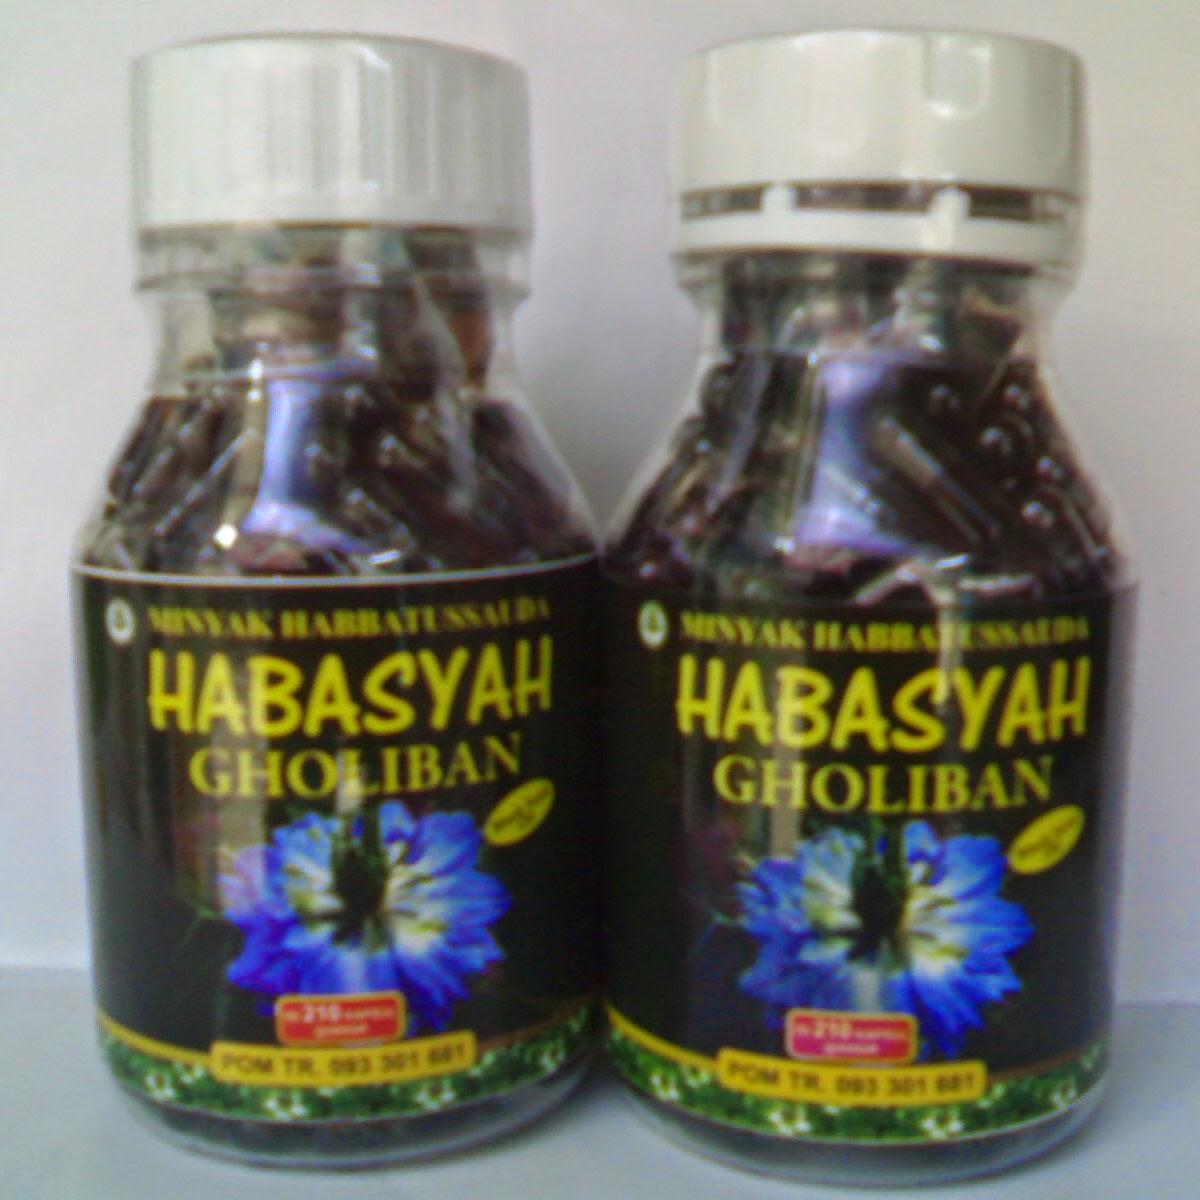 Minyak Habasyah Gholiban 210 Kapsul Andiherbal.com